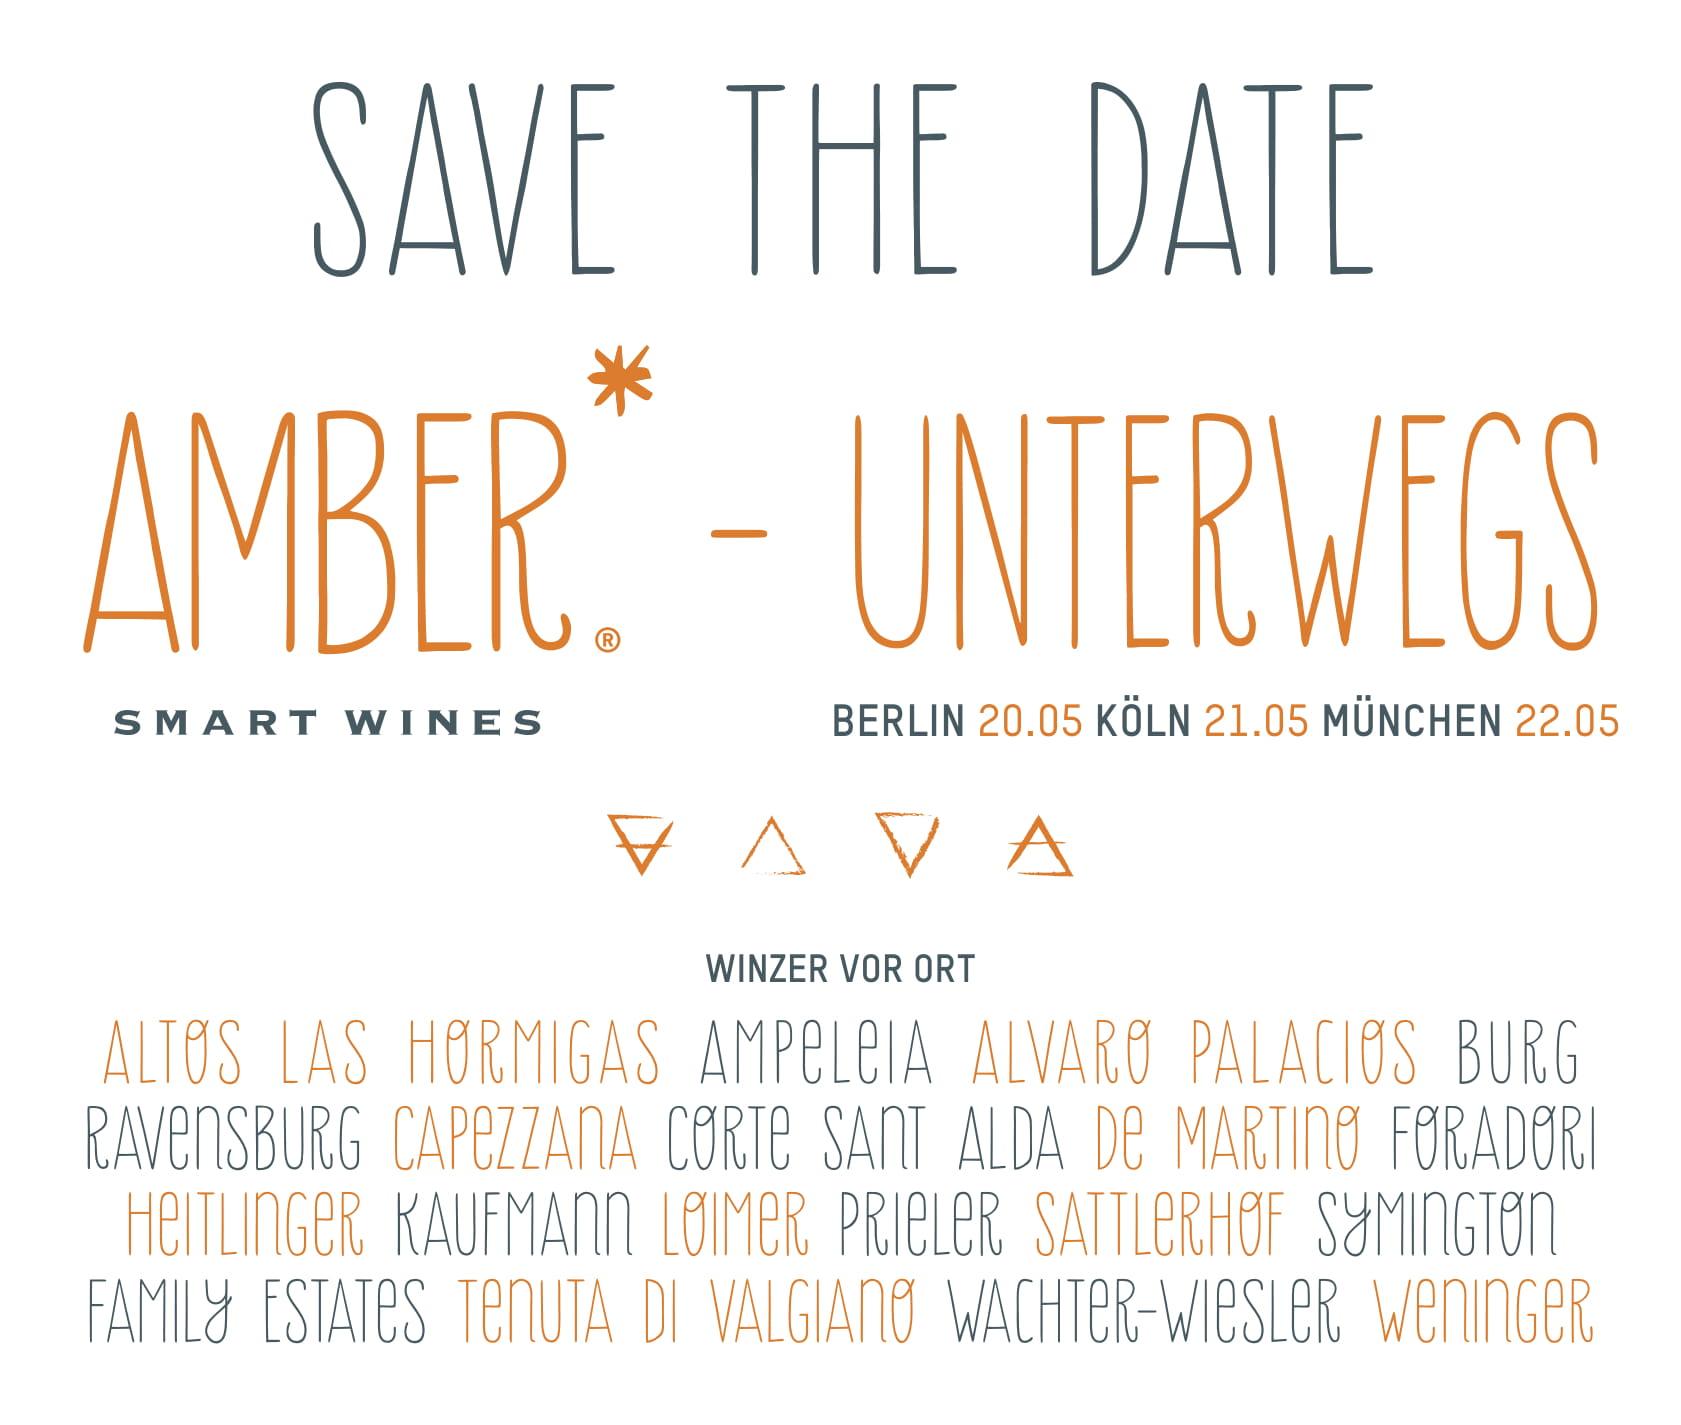 Amber_Unterwegs_Save_the_Date_2019_03-1